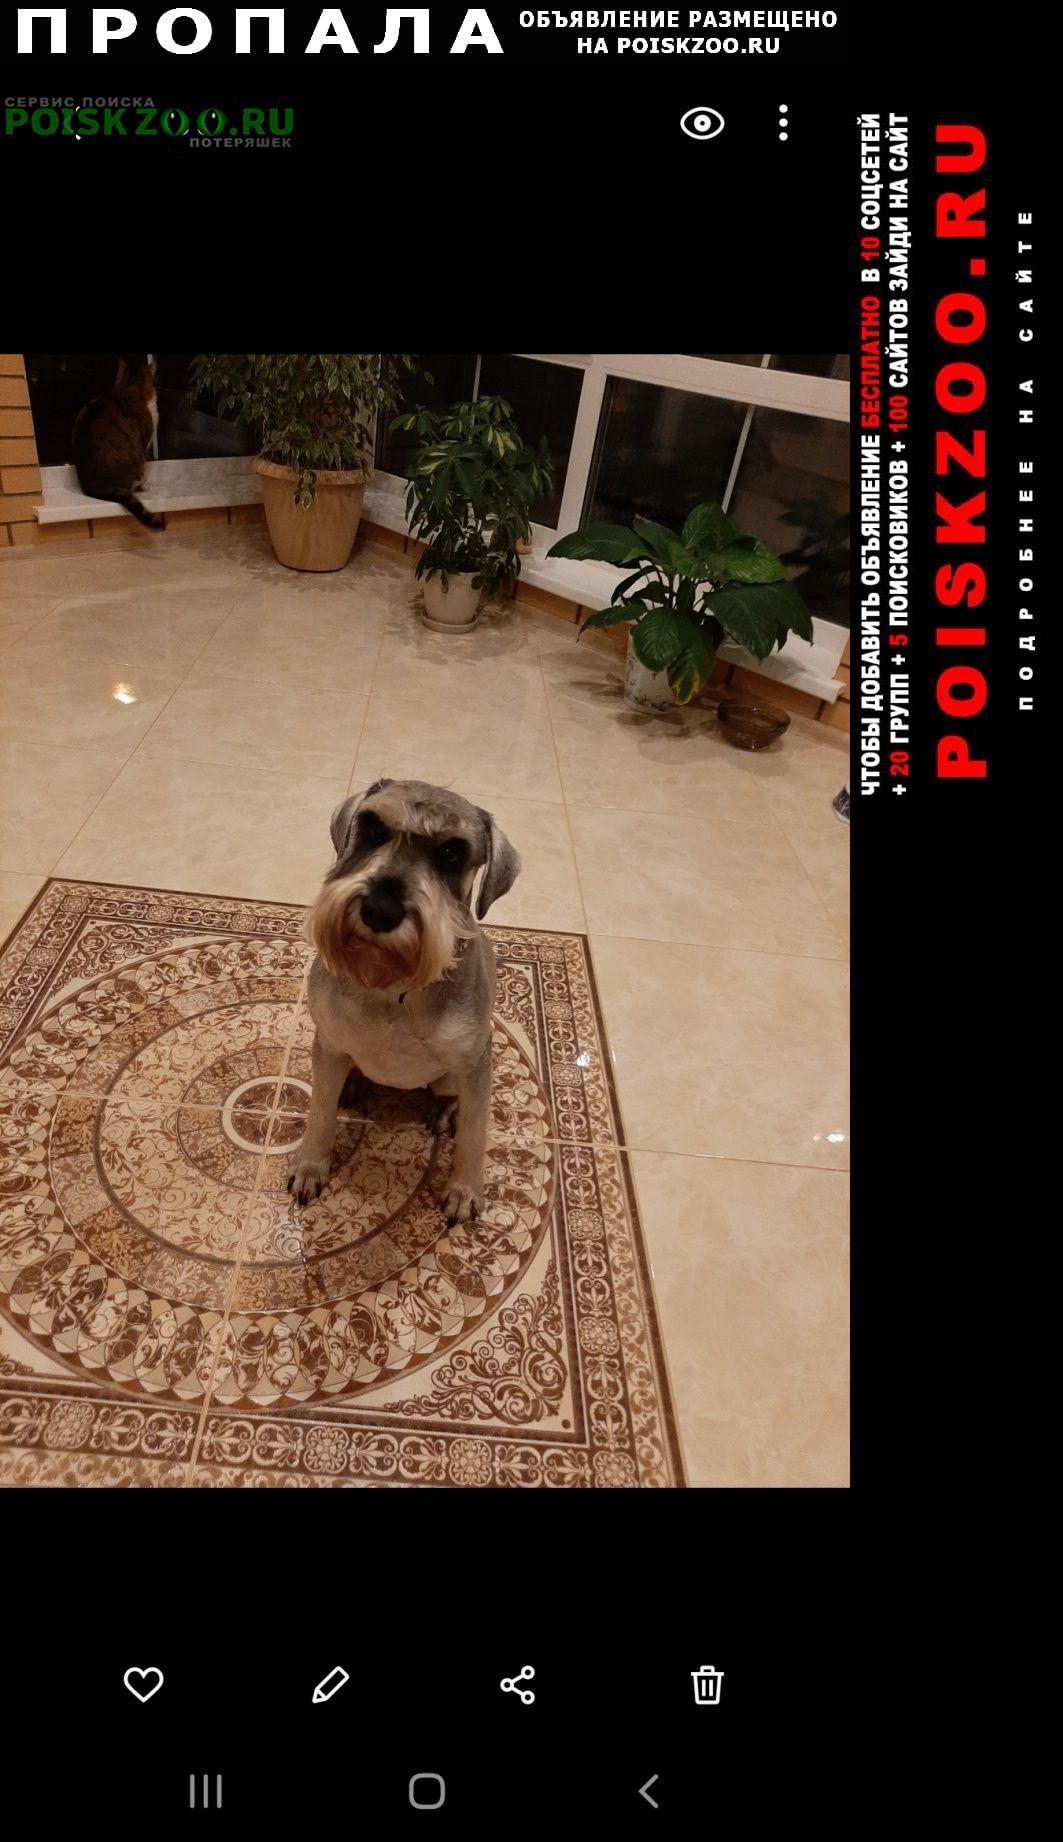 Пропала собака помогите найти собаку Алабино